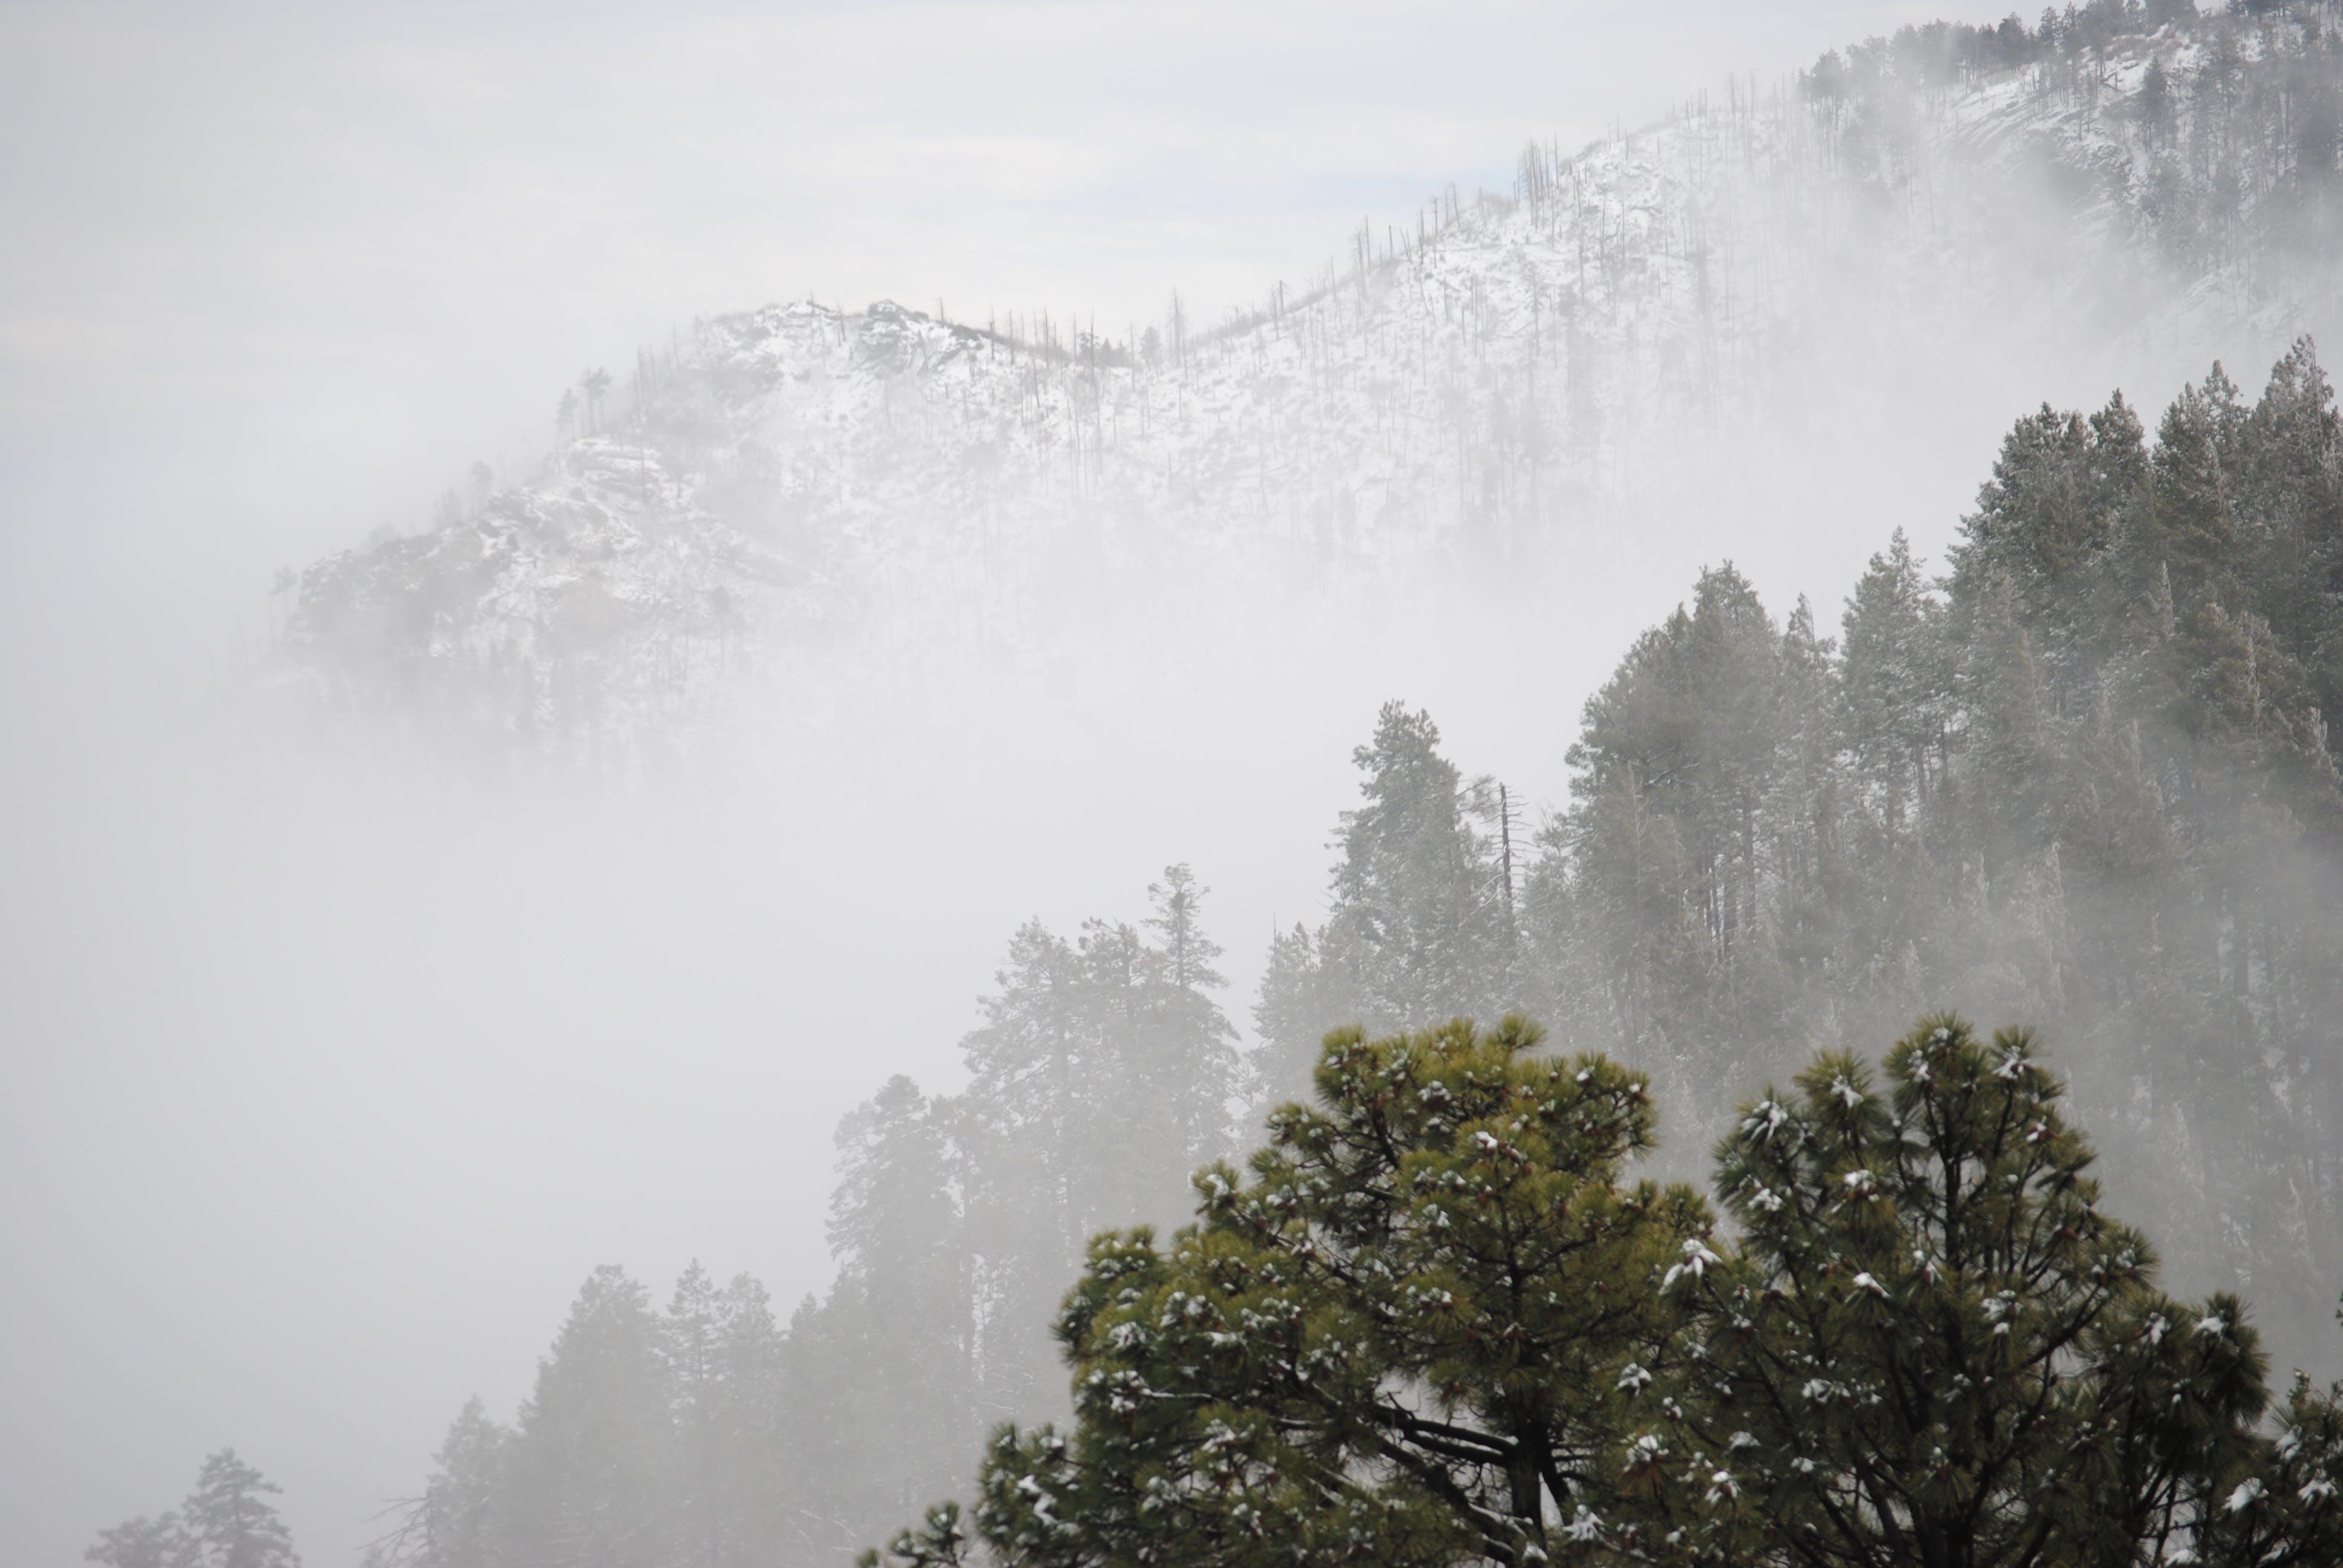 コールド, シーズン, ミスト, 冬の無料の写真素材